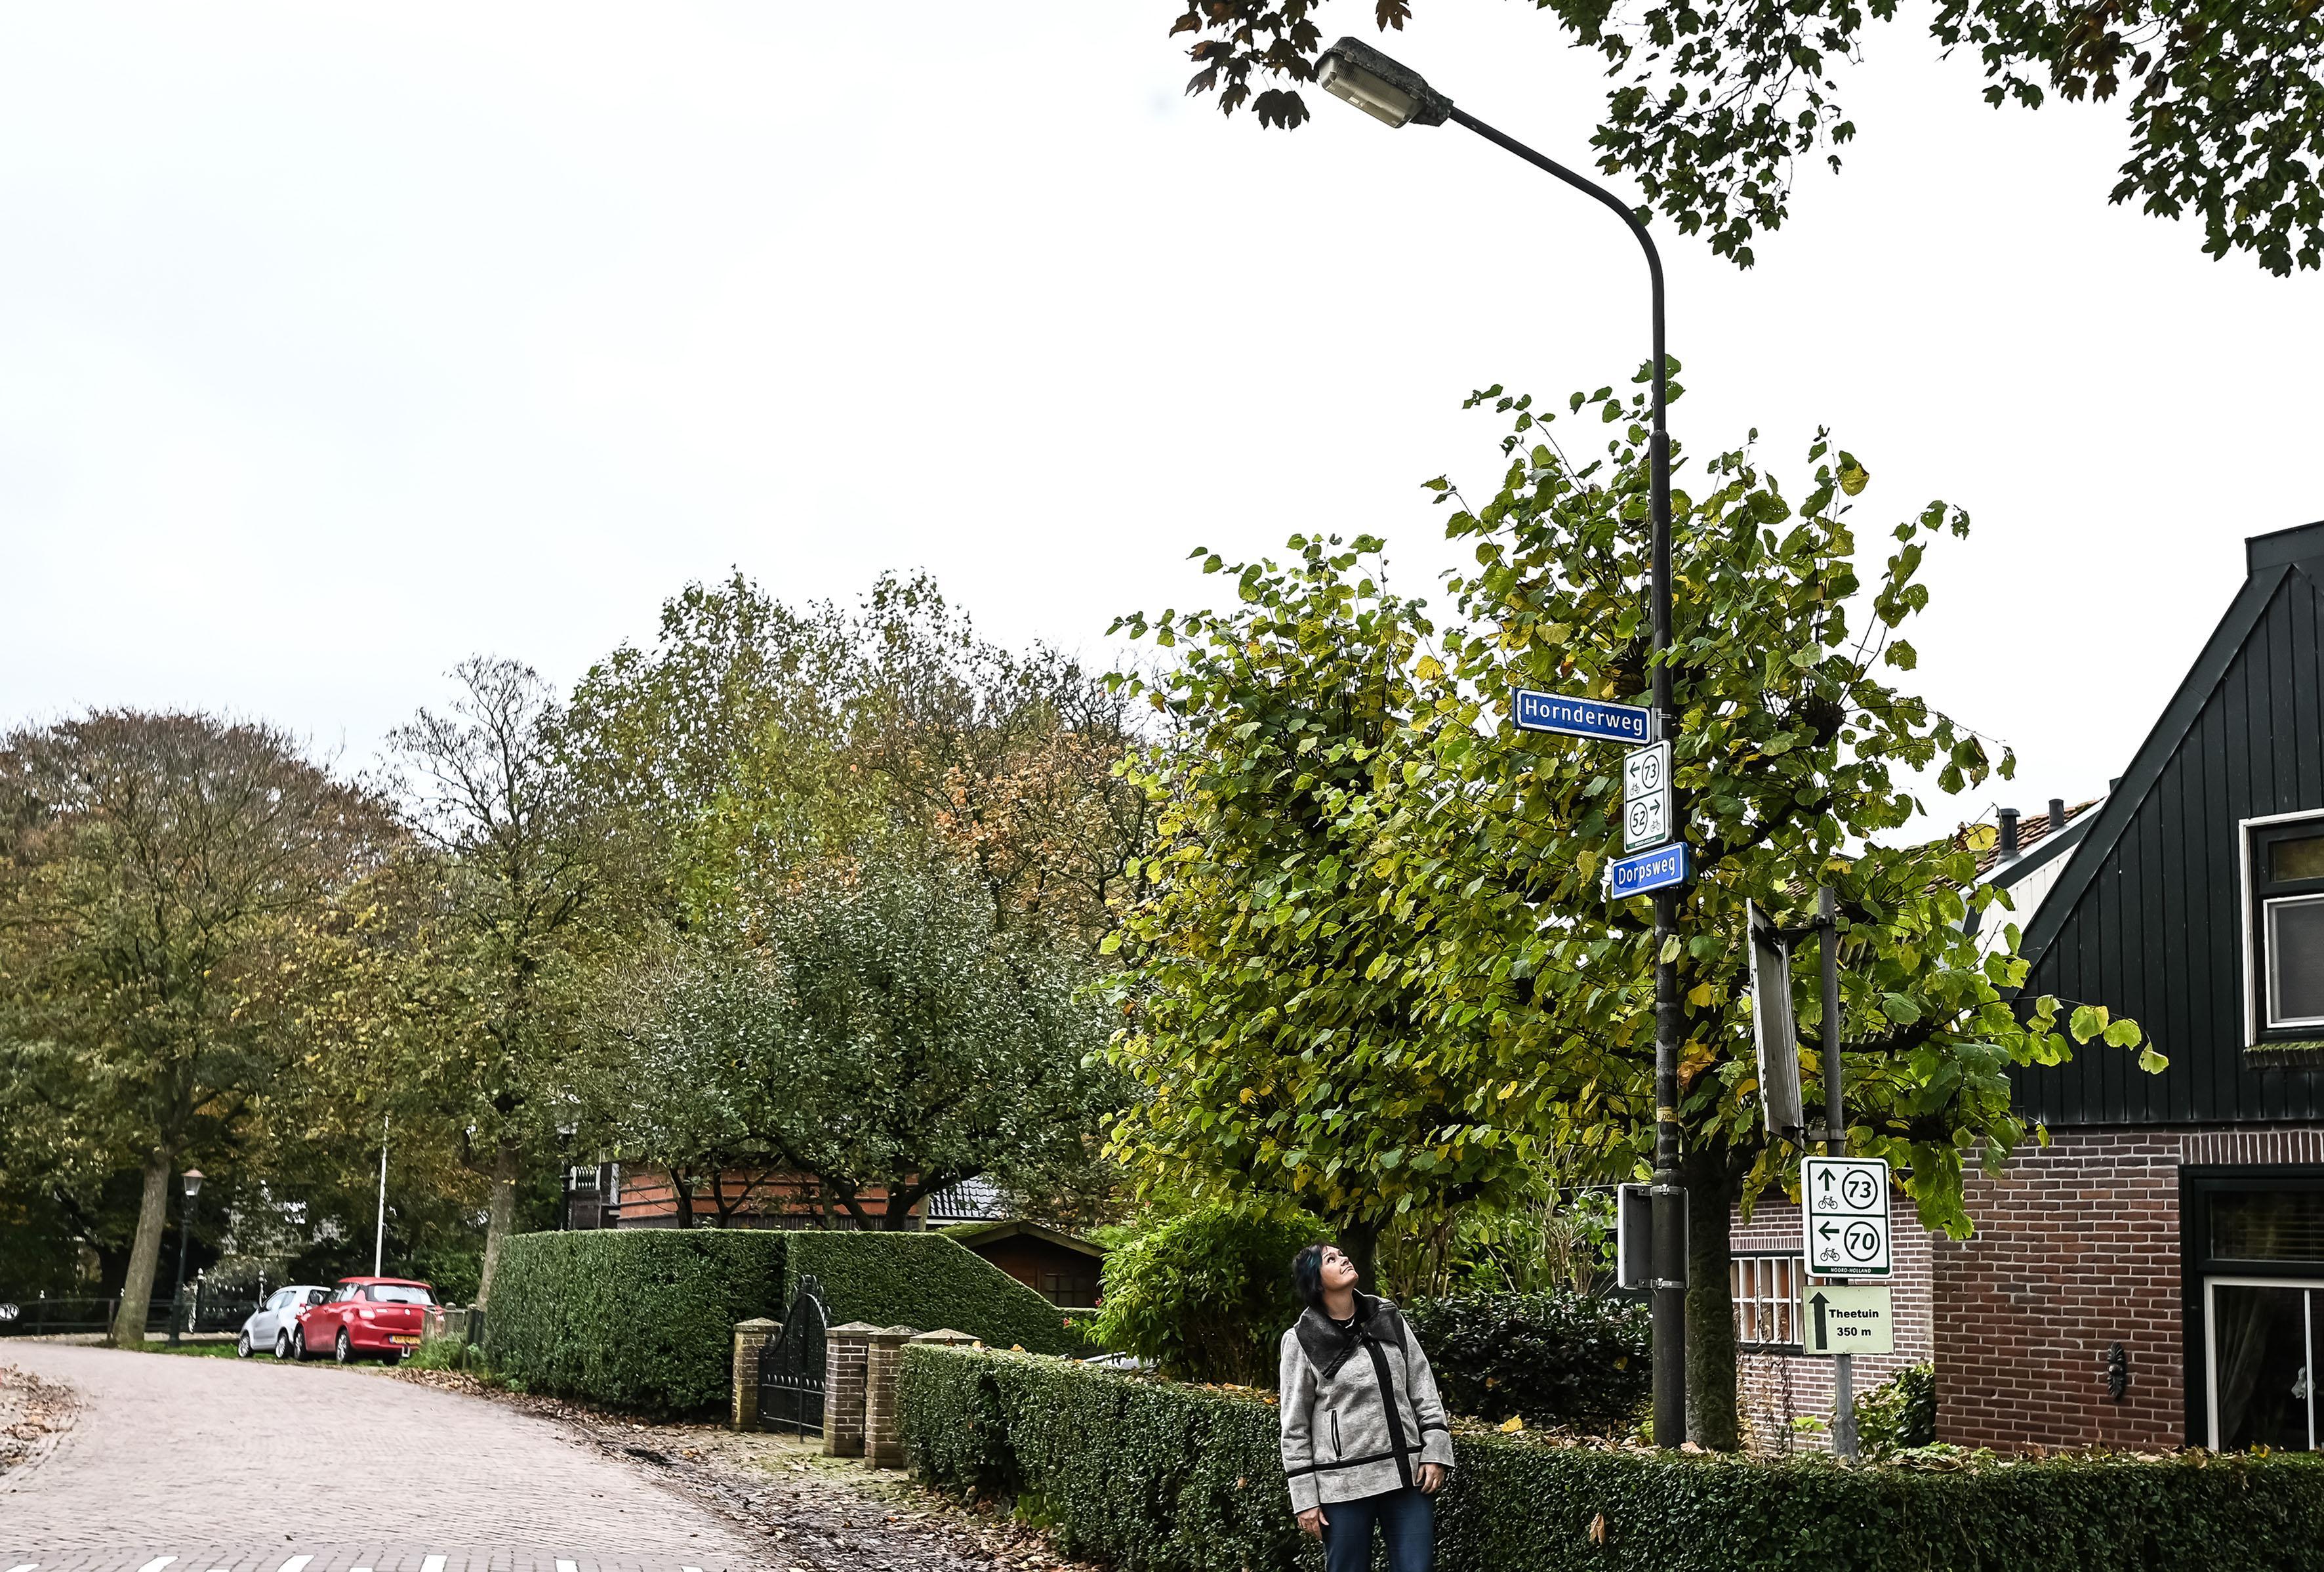 Geduld is op bij bewoners Twisk: 'Vervang ook die laatste paar lelijke lantaarnpalen'